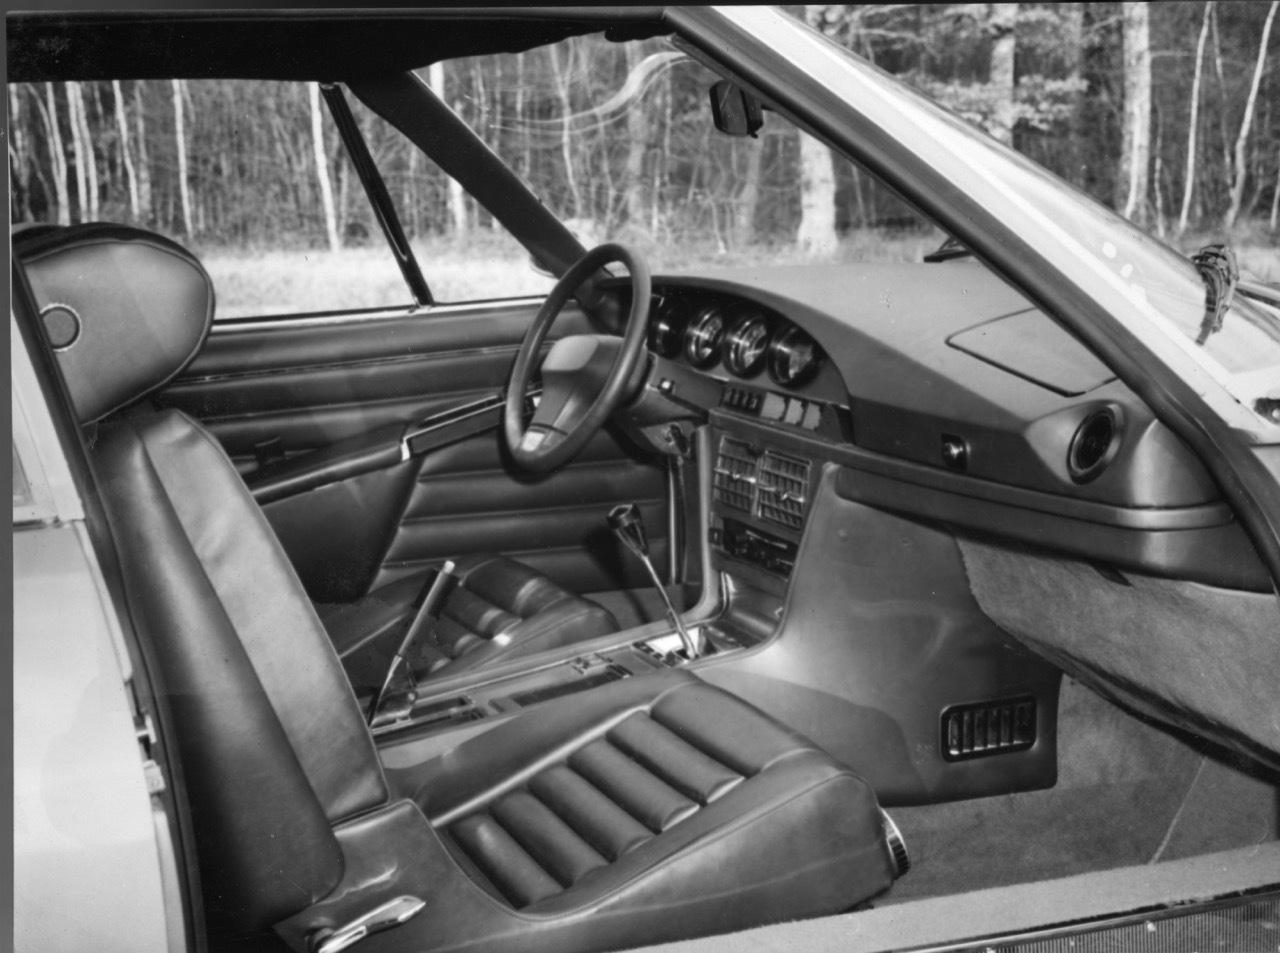 DS Automobiles - foto storiche della SM